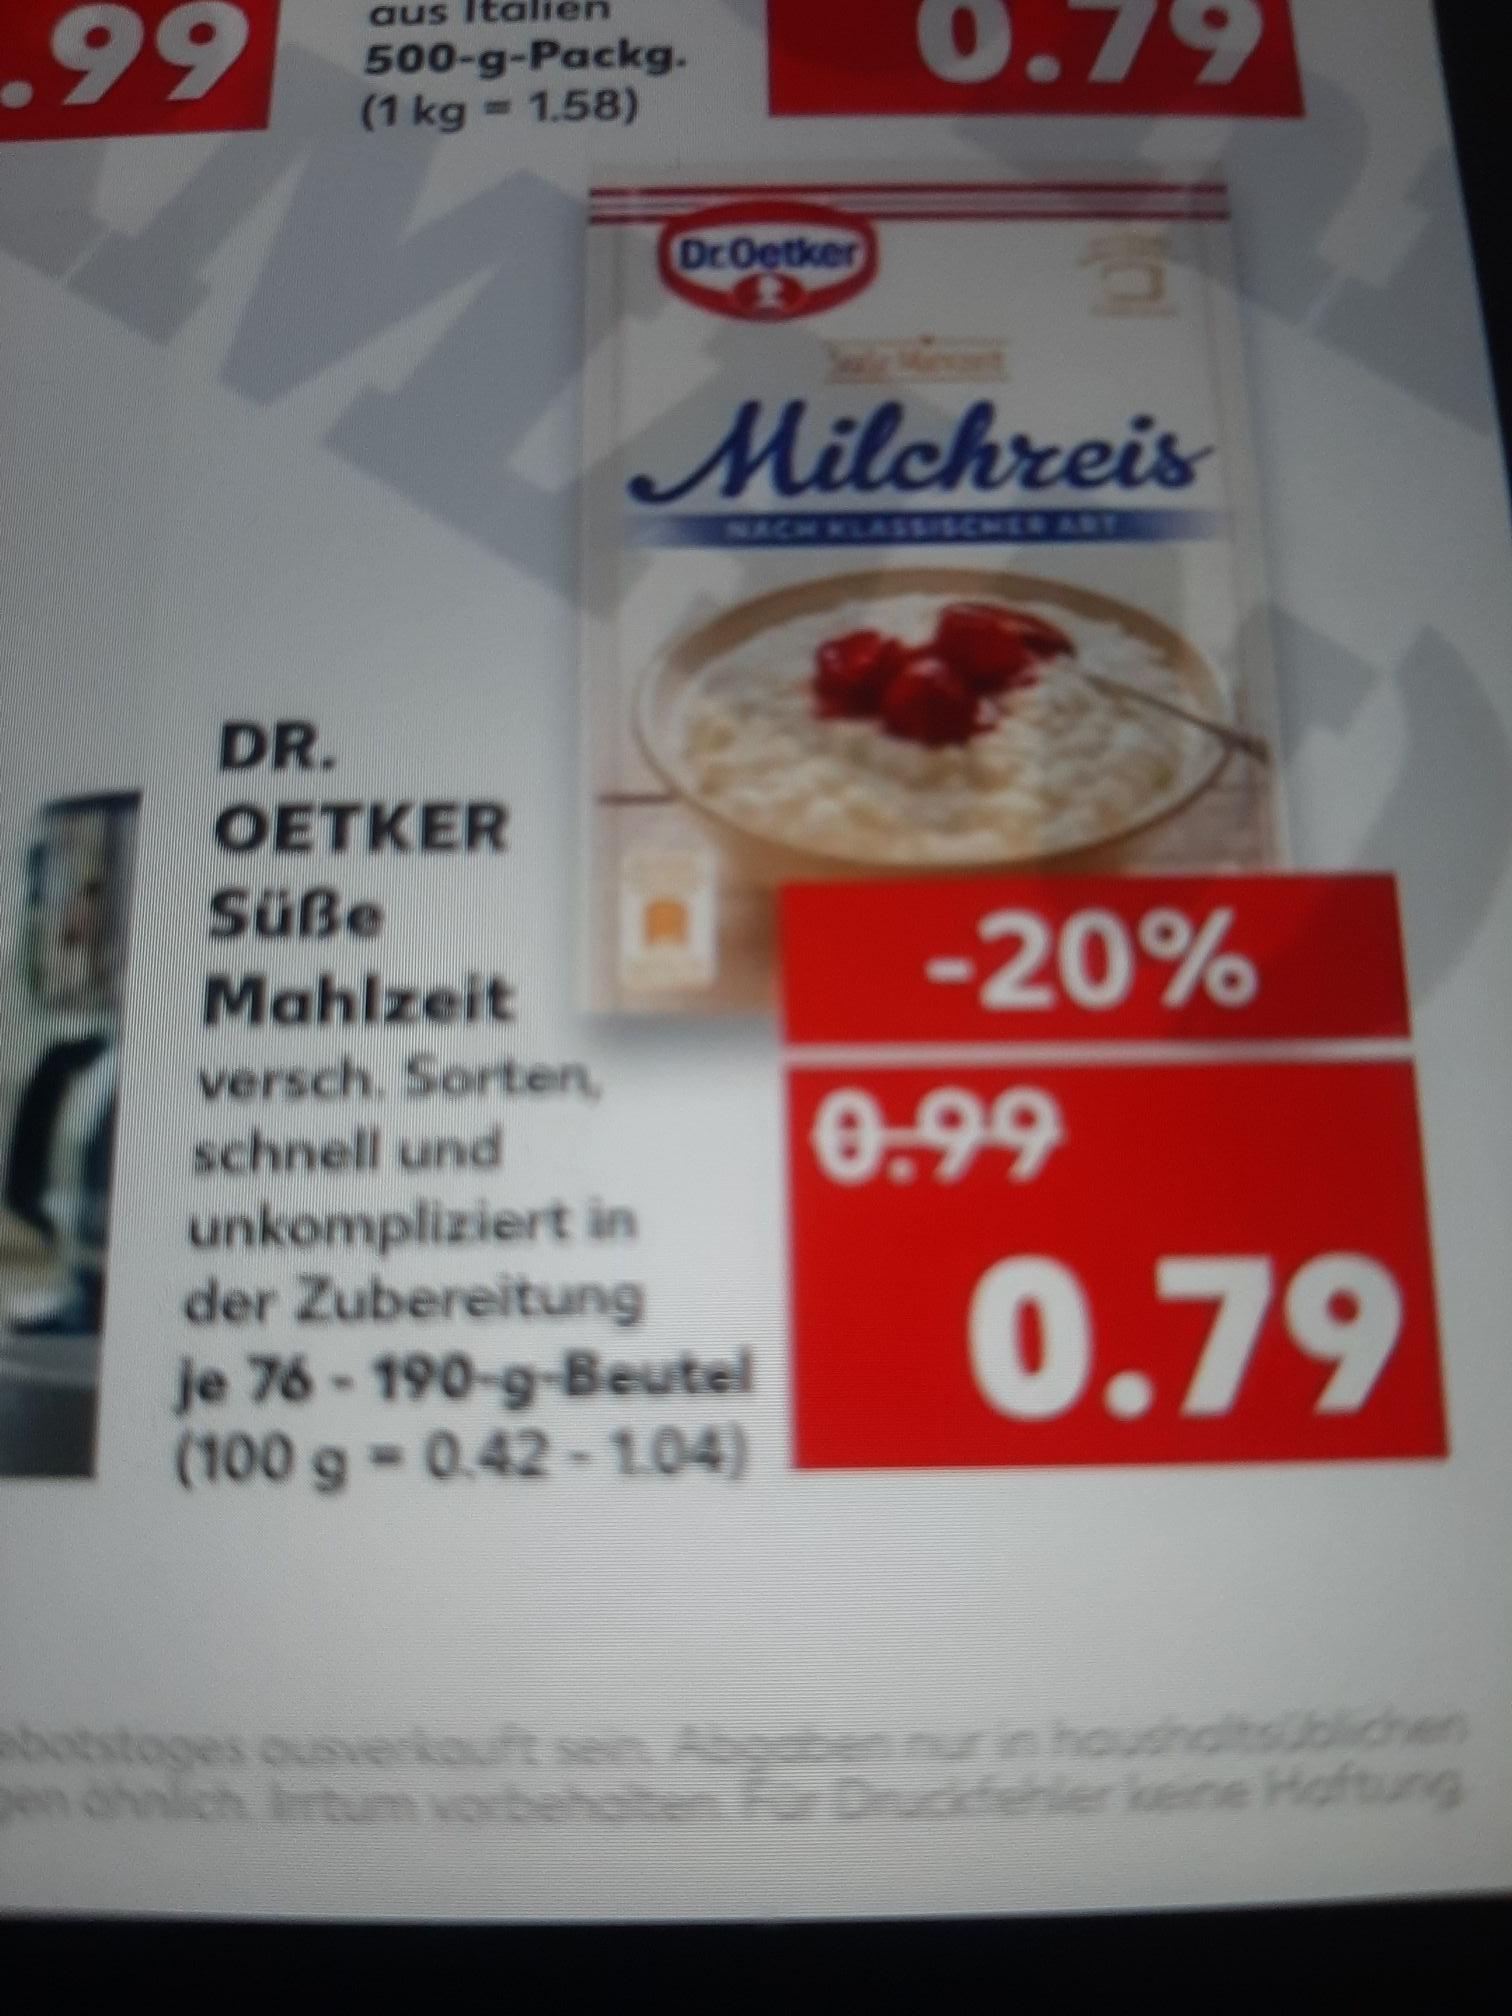 Kaufland ab 01.07.2021 Dr Oetker Süße Mahlzeiten 3 für 1,37€ Statt 2,37€.